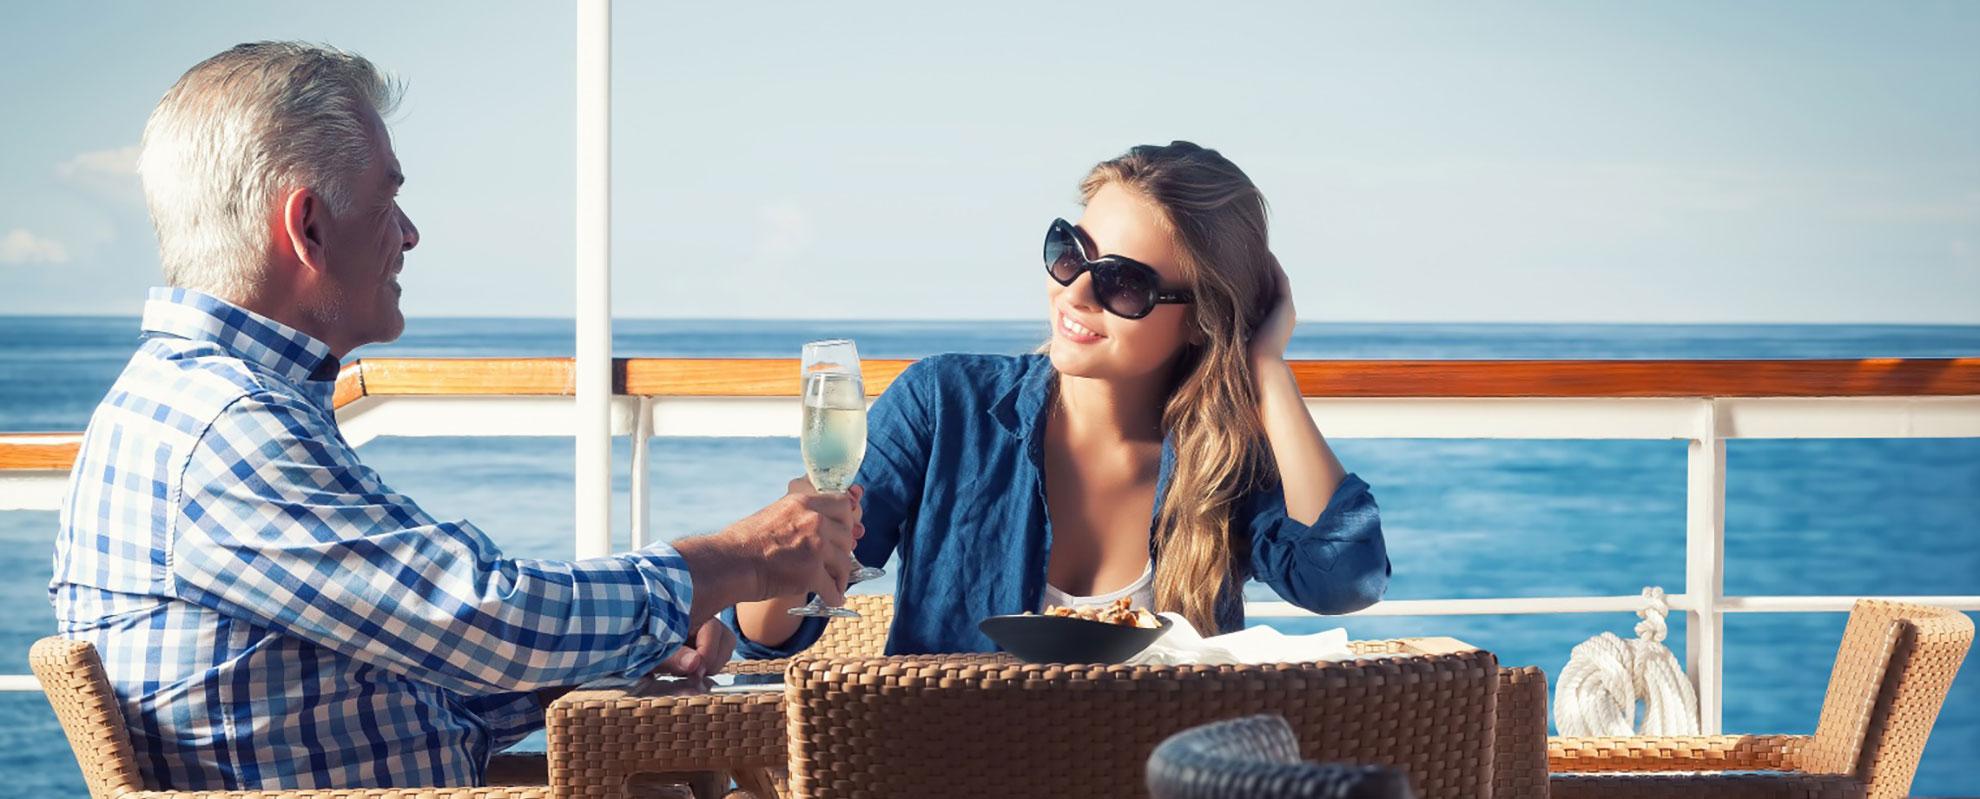 Relax in La Pinta Galapagos Tours